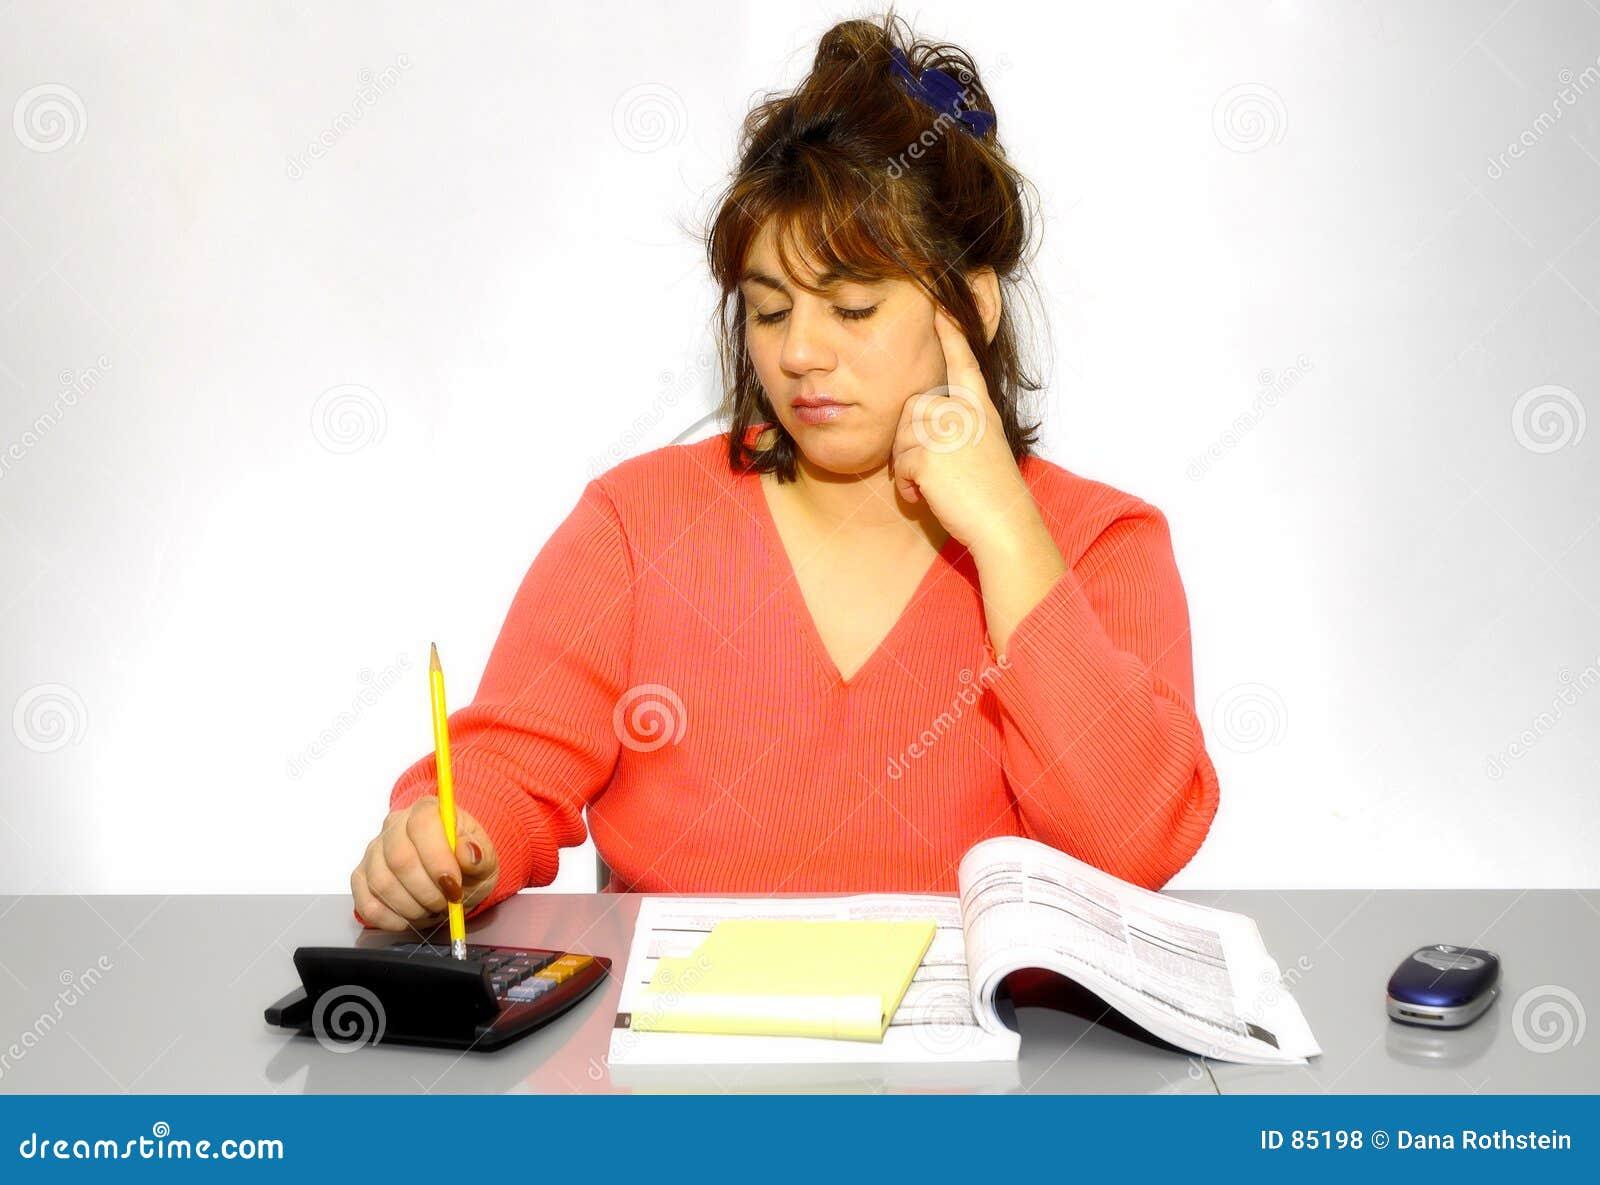 Biurko jej kobieta